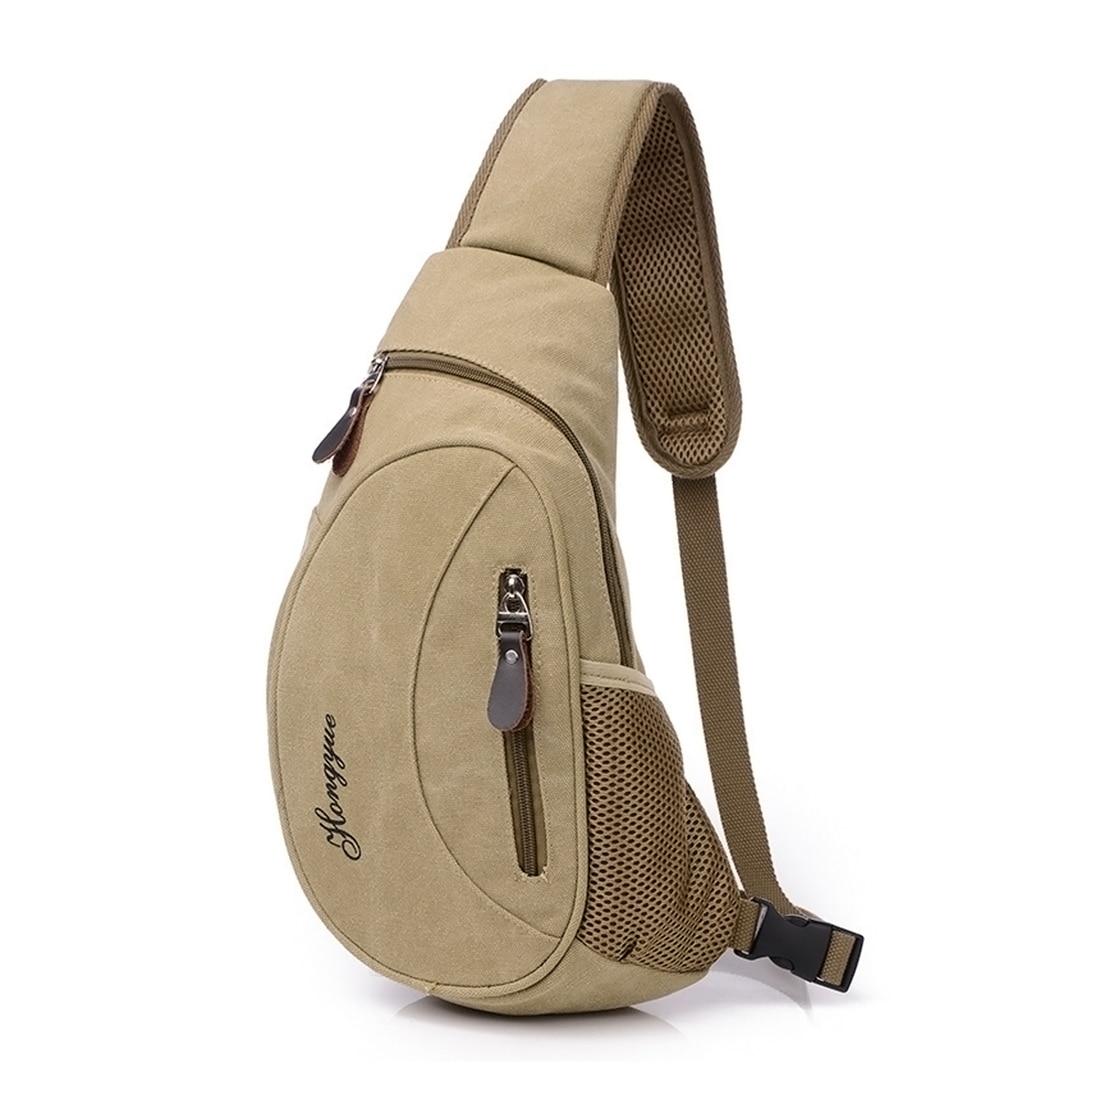 HIPSTEEN 2018 Men Bag Male Canvas Chest Bag Travel Mens Satchel Chest Pack Soft Back Bag Single Shoulder Bag For Men Teenager